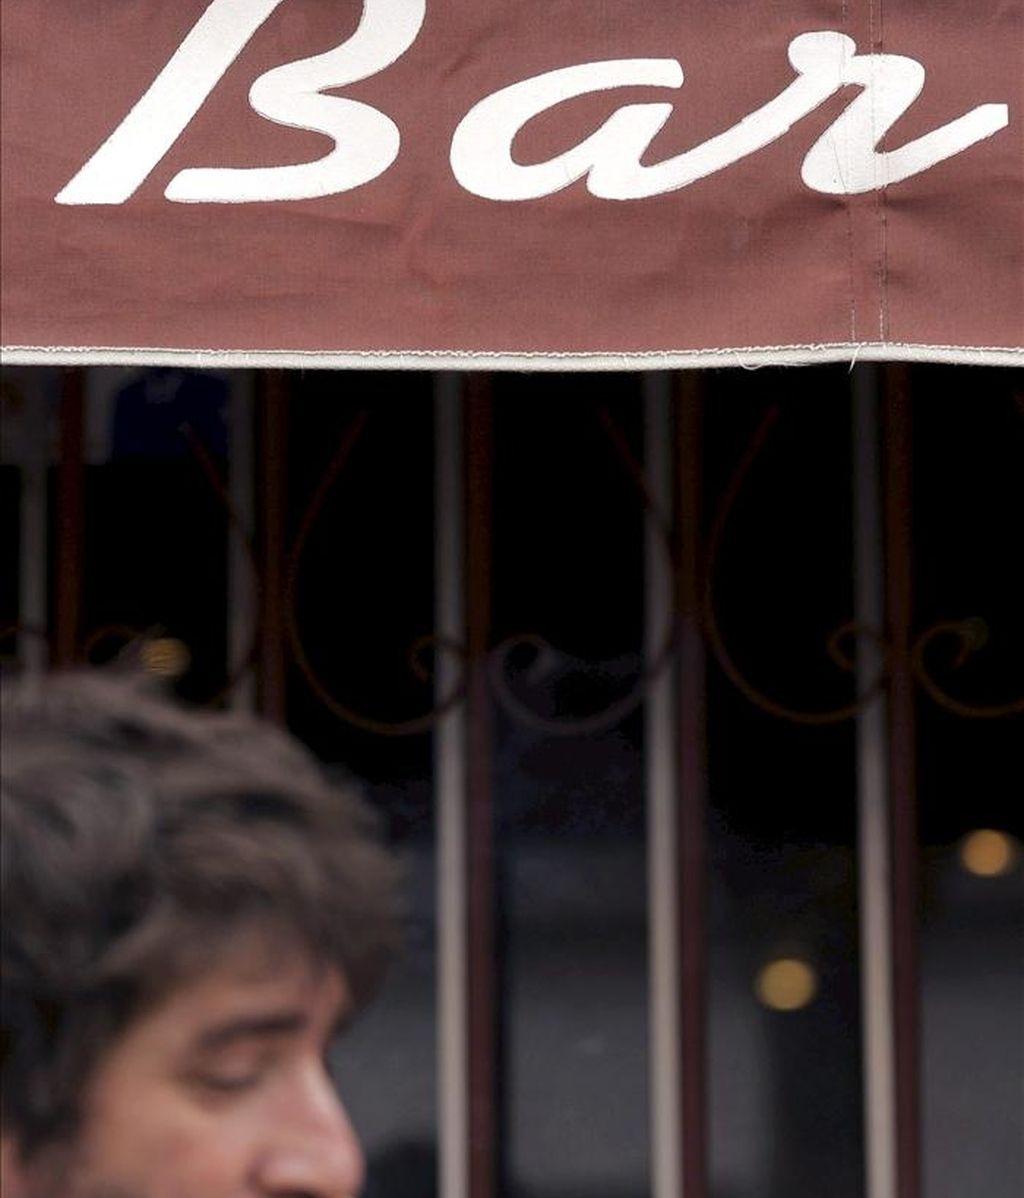 Un hombre fuma en la puerta de un bar de Valladolid, en el primer día de entrada en vigor de la nueva Ley Antitabaco en España. EFE/Archivo